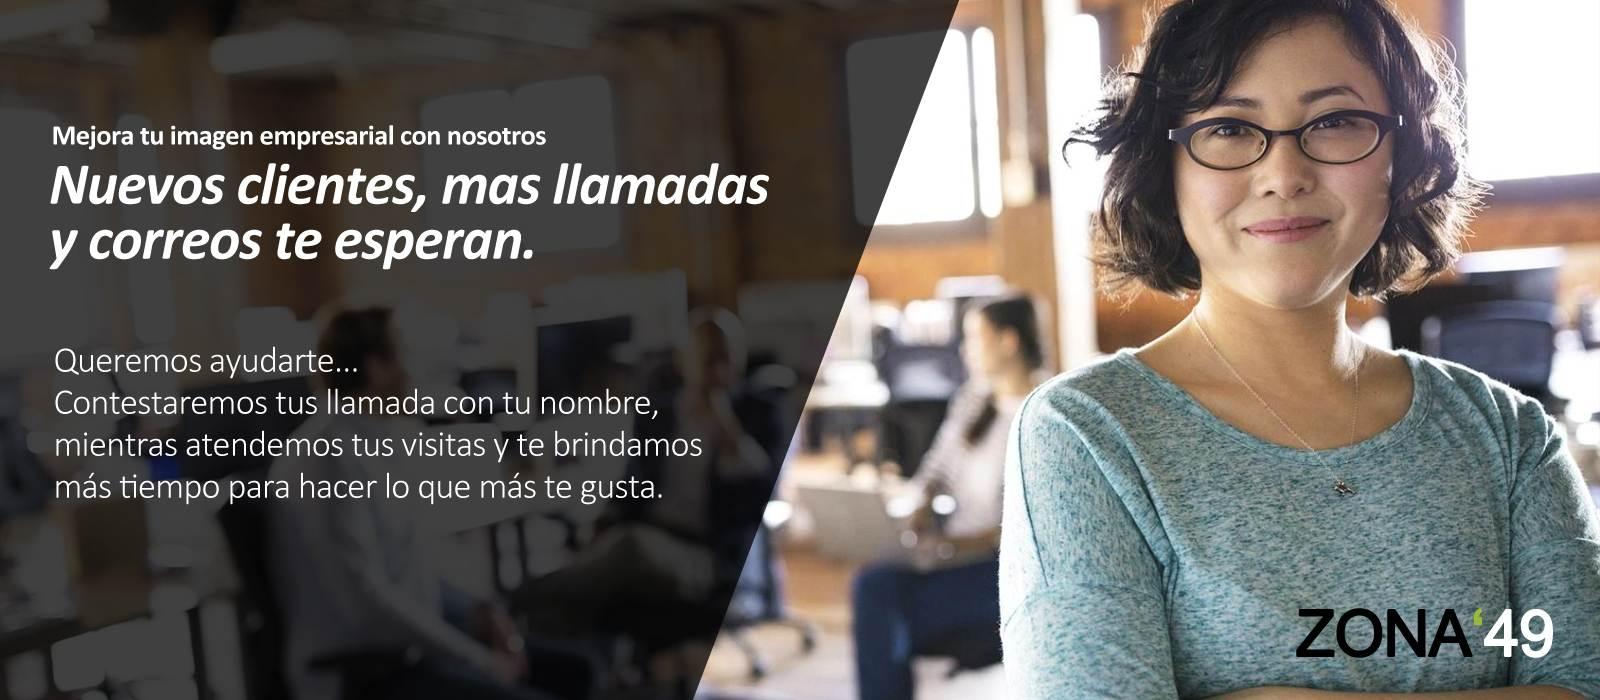 Oficinas virtuales o por horas El Salvador